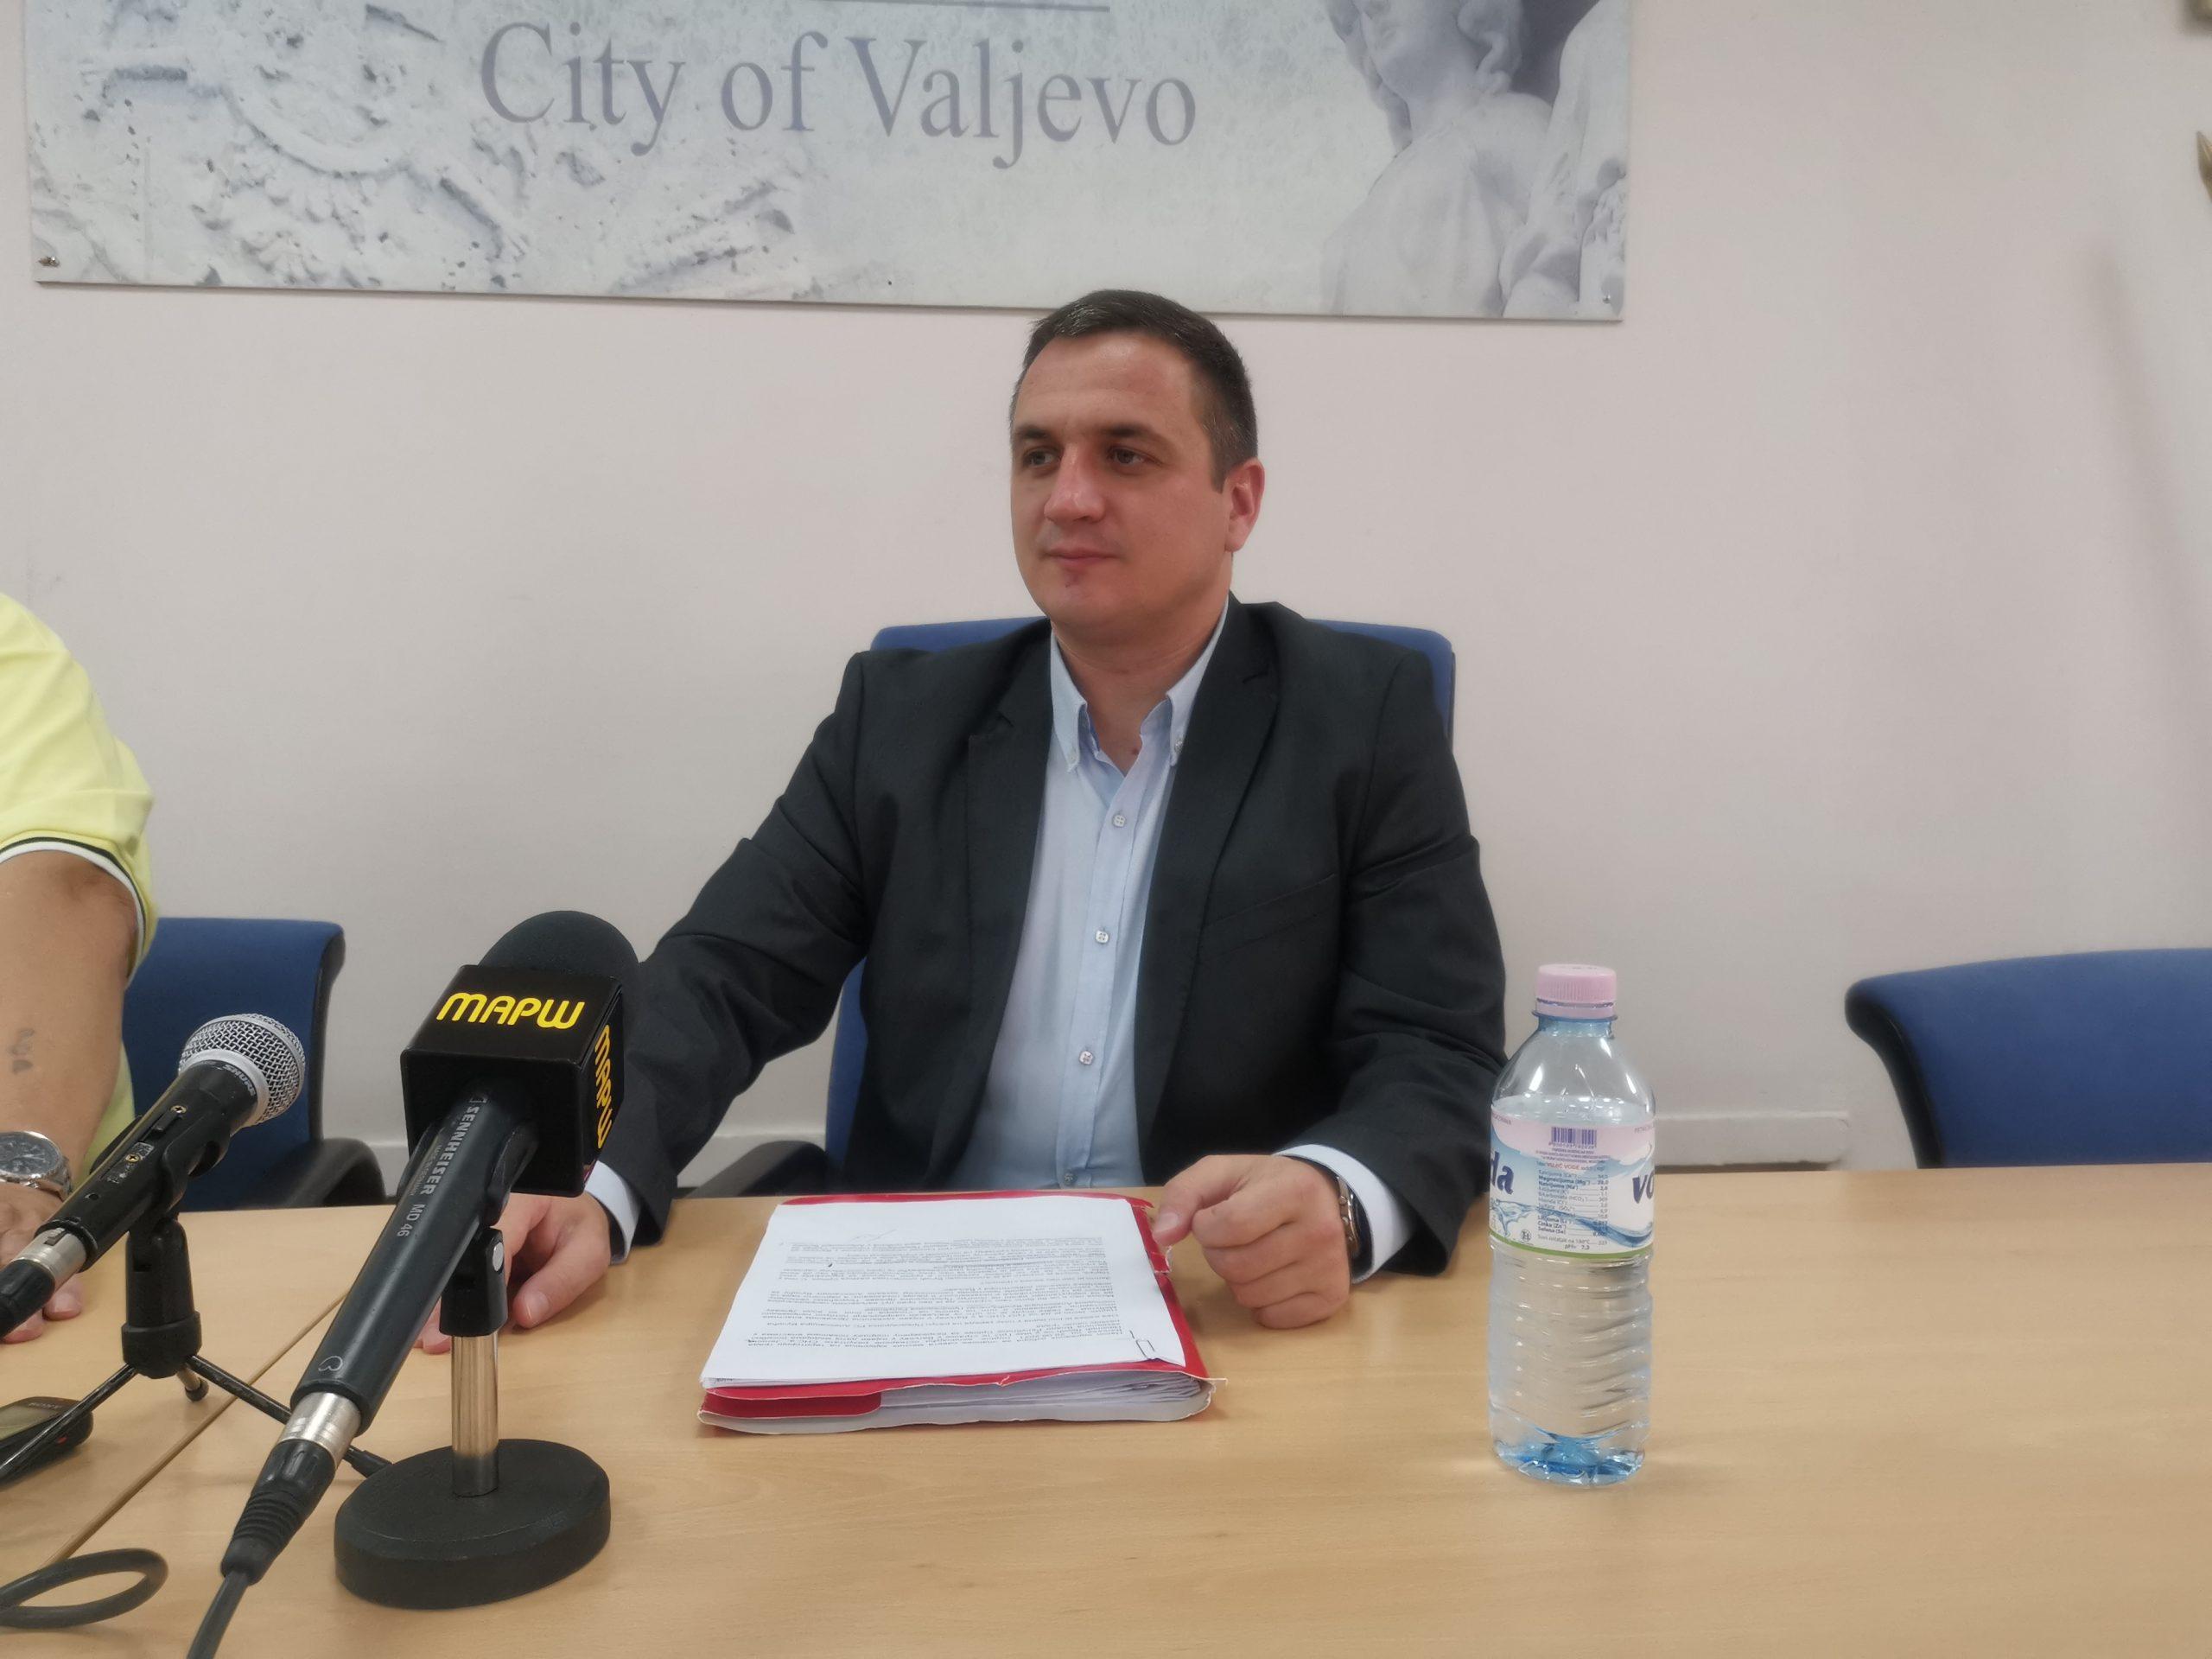 Đorđe Pavlović